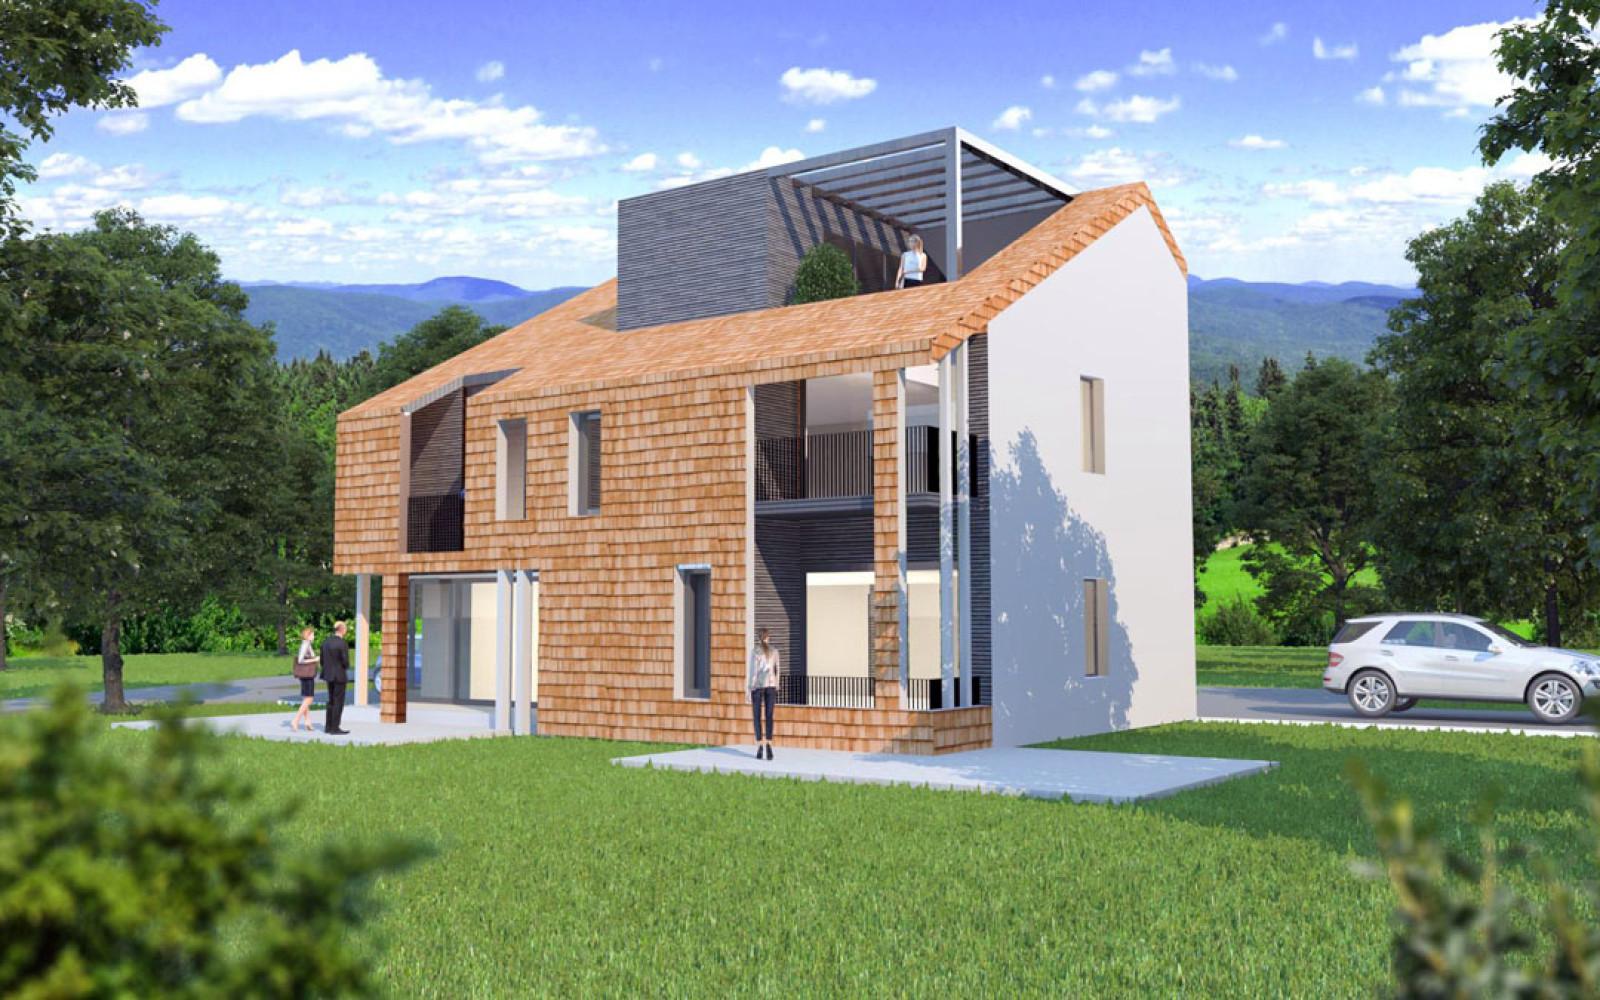 Case prefabbricate in legno ecologiche a basso consumo for Durata casa in legno